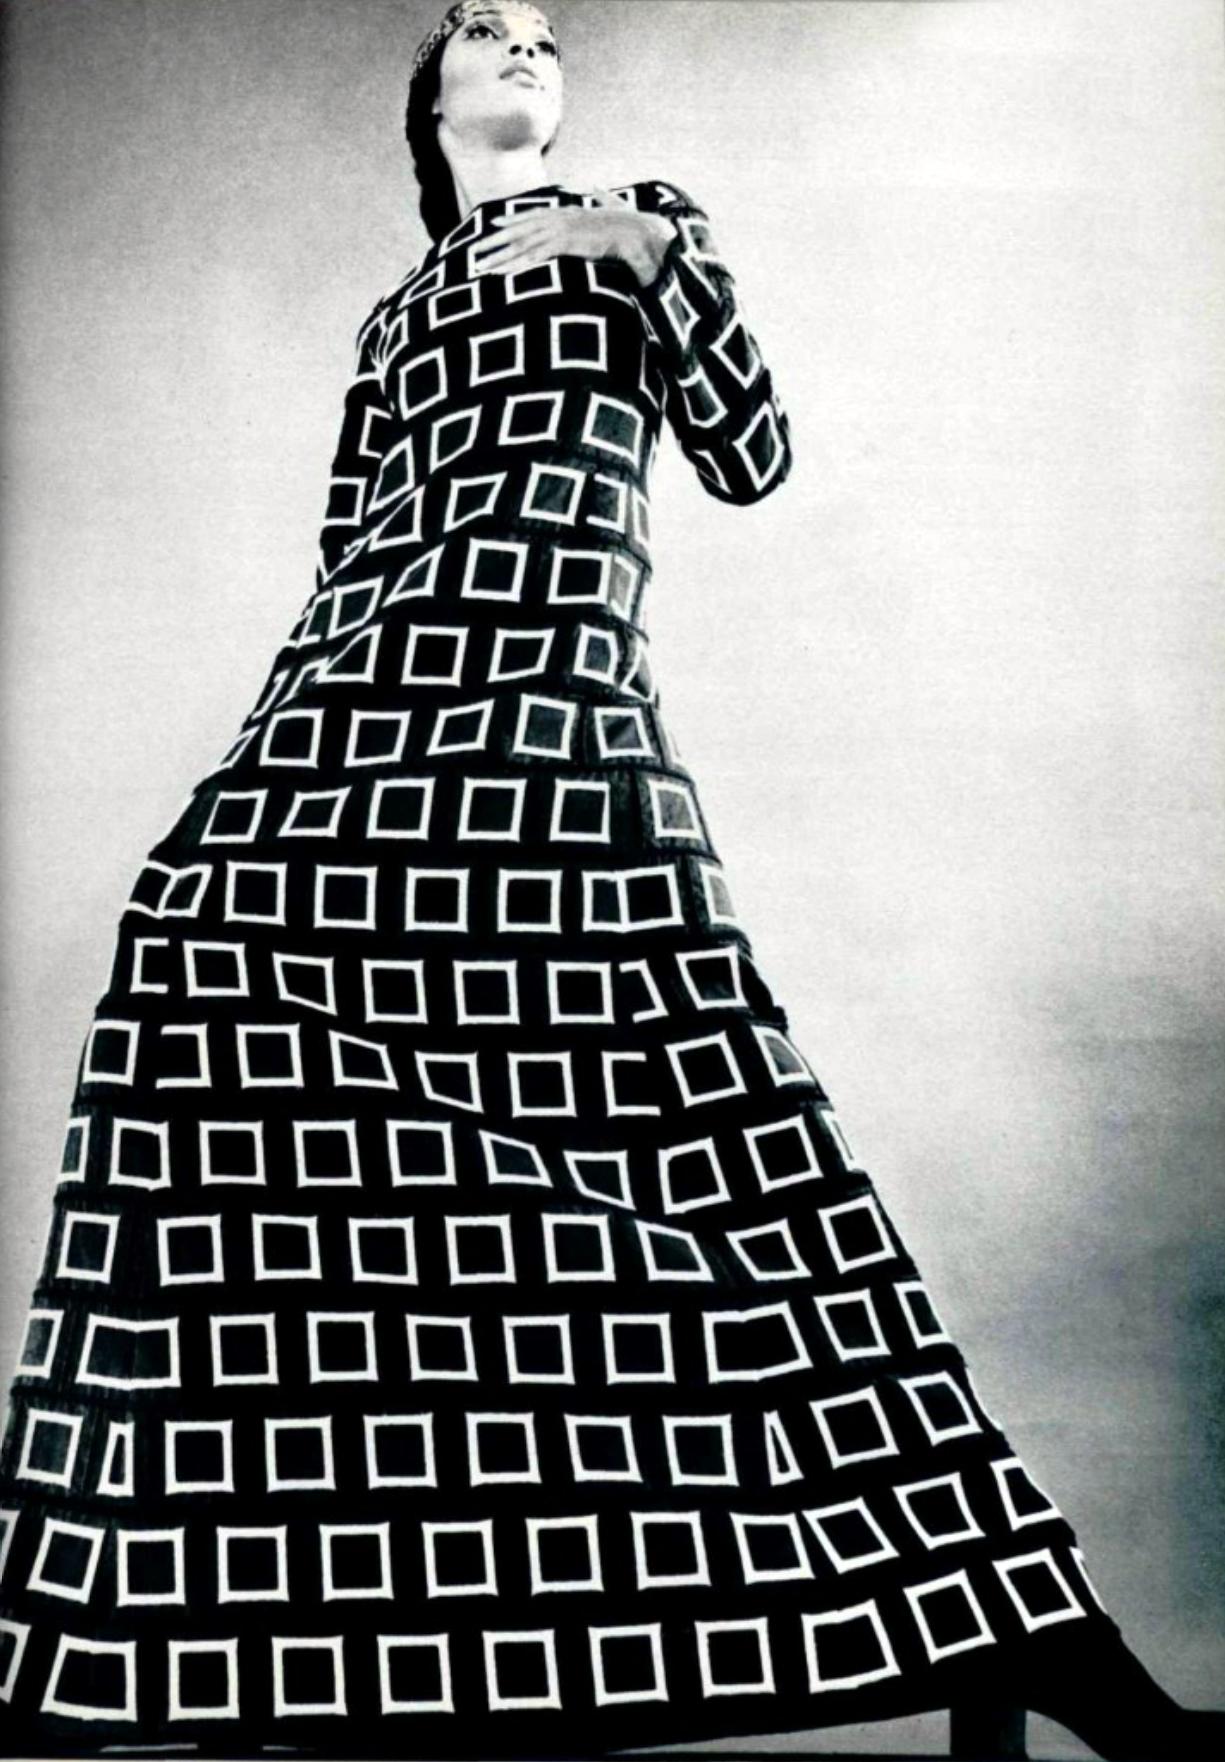 Scherrer, L'Officiel magazine 1969